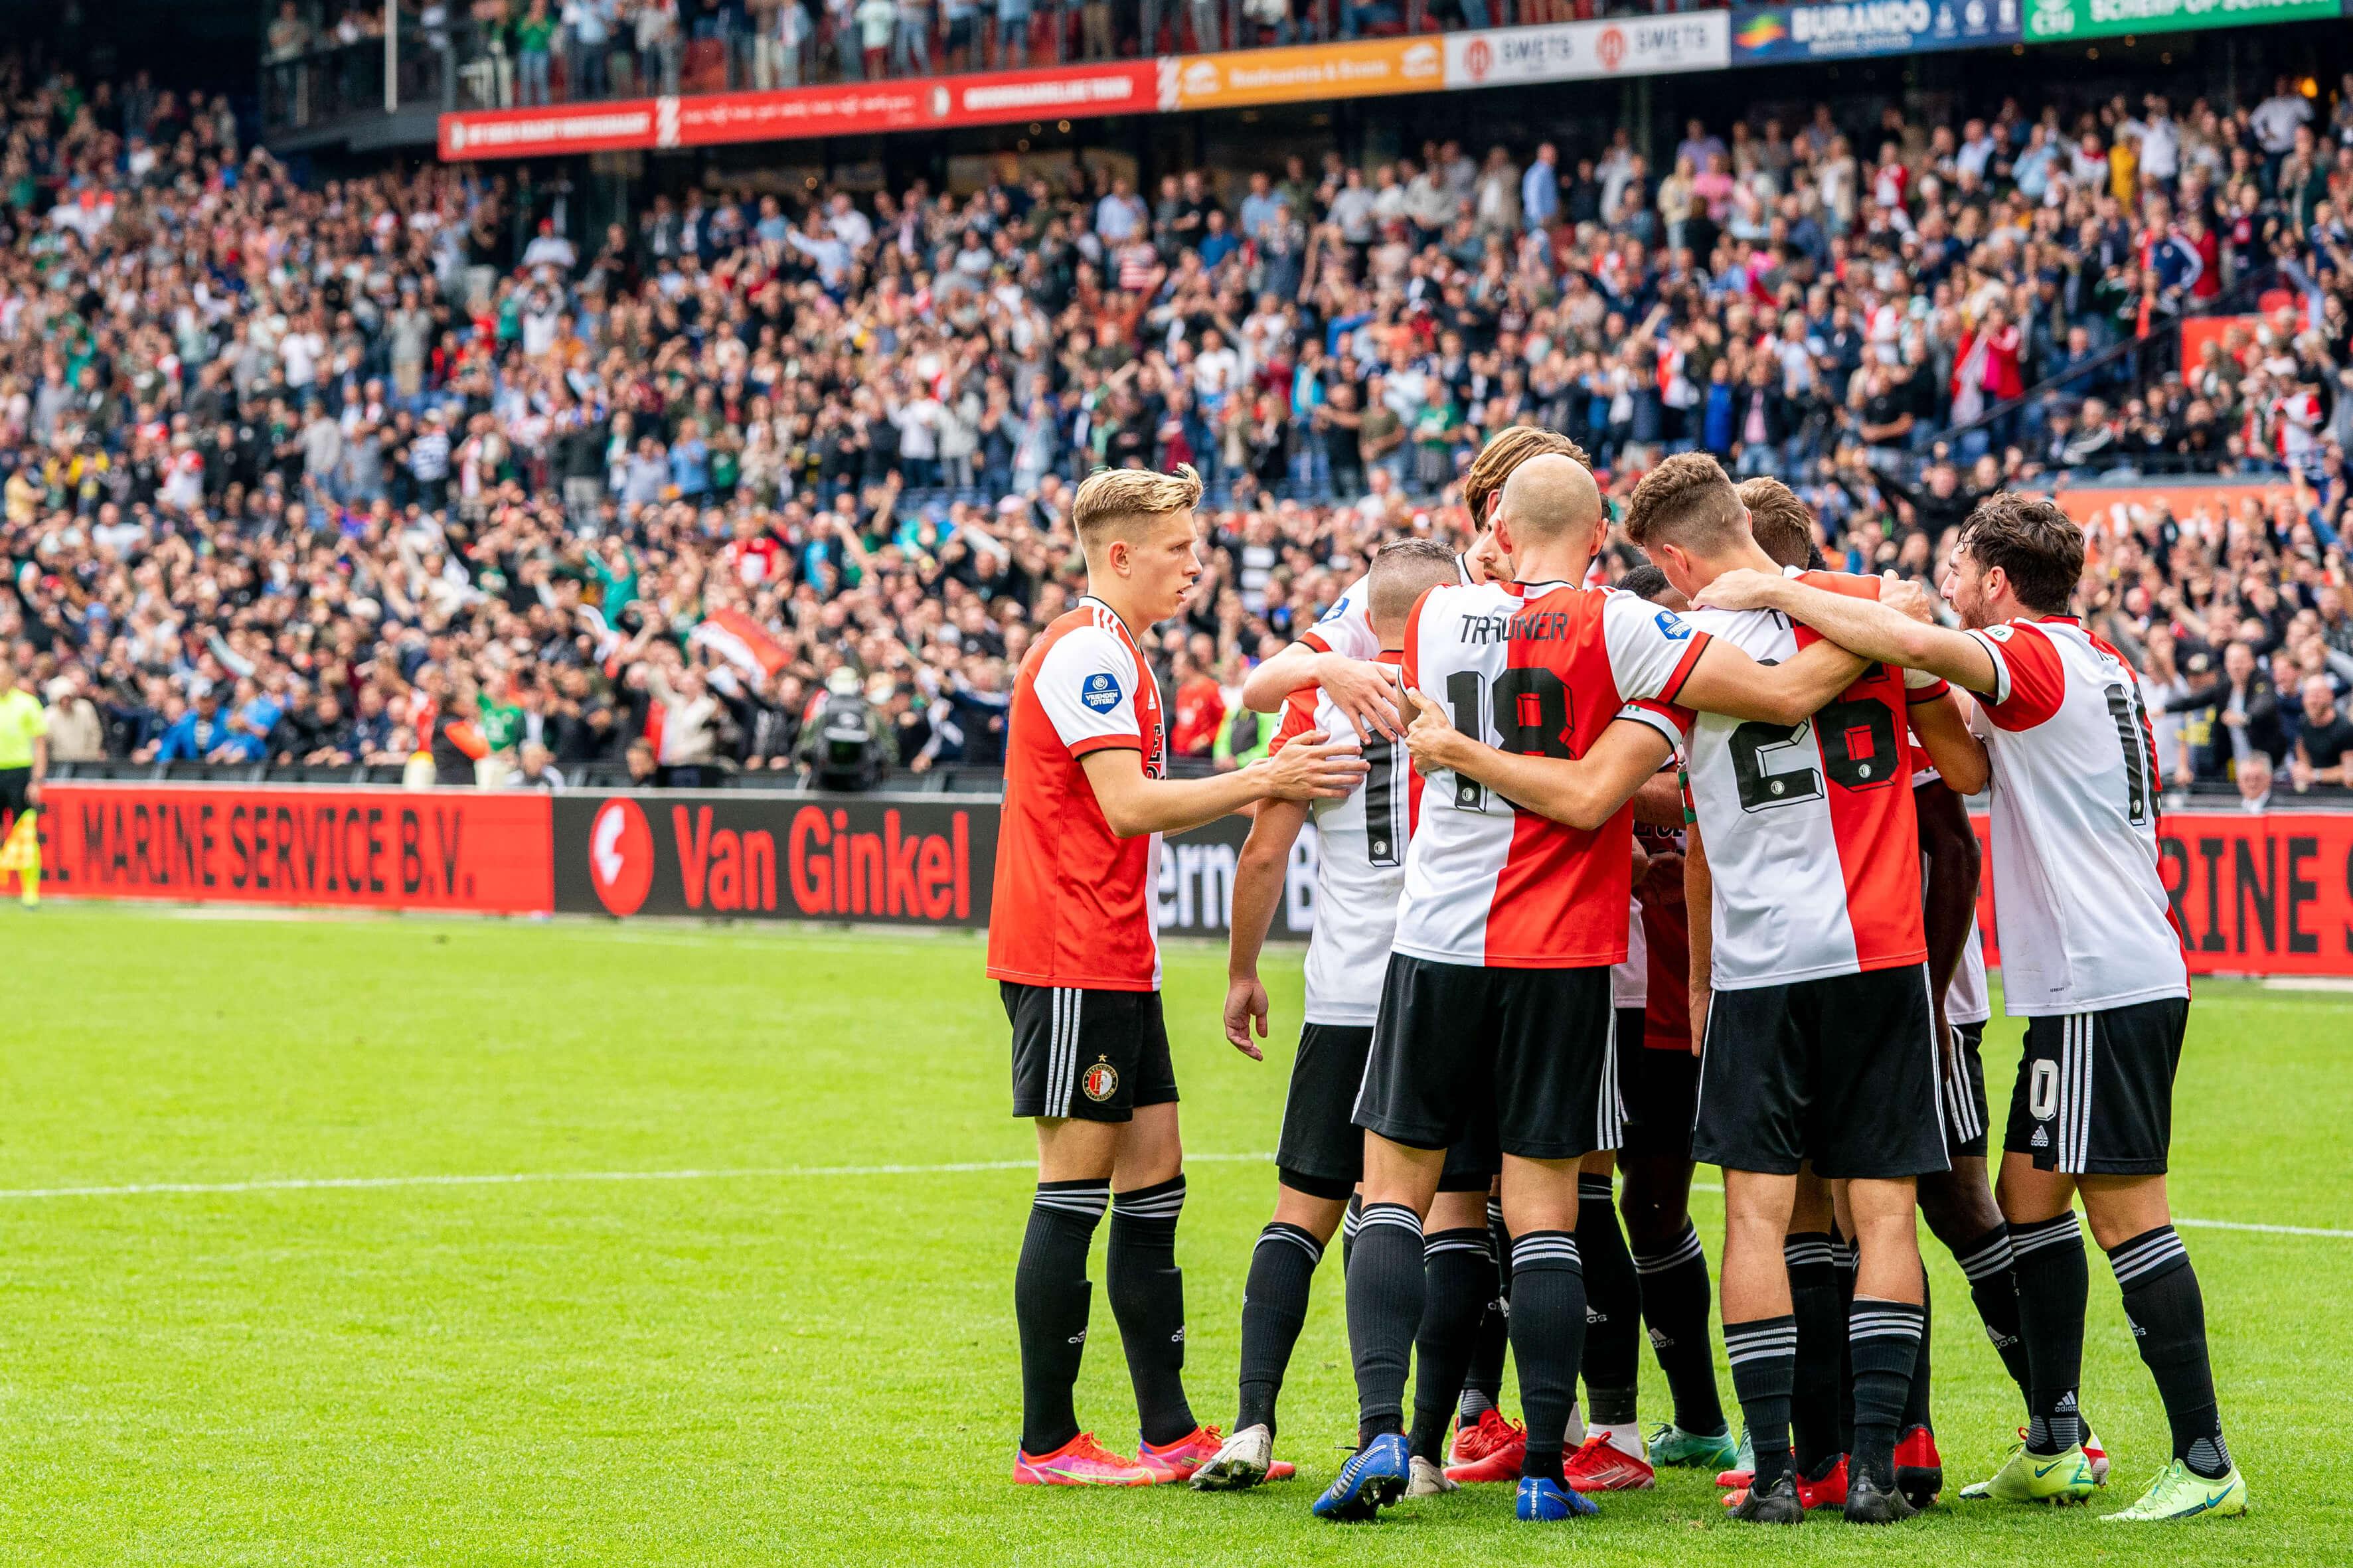 Feyenoord dankzij treffers Bryan Linssen aan kop van Eredivisie; image source: Pro Shots